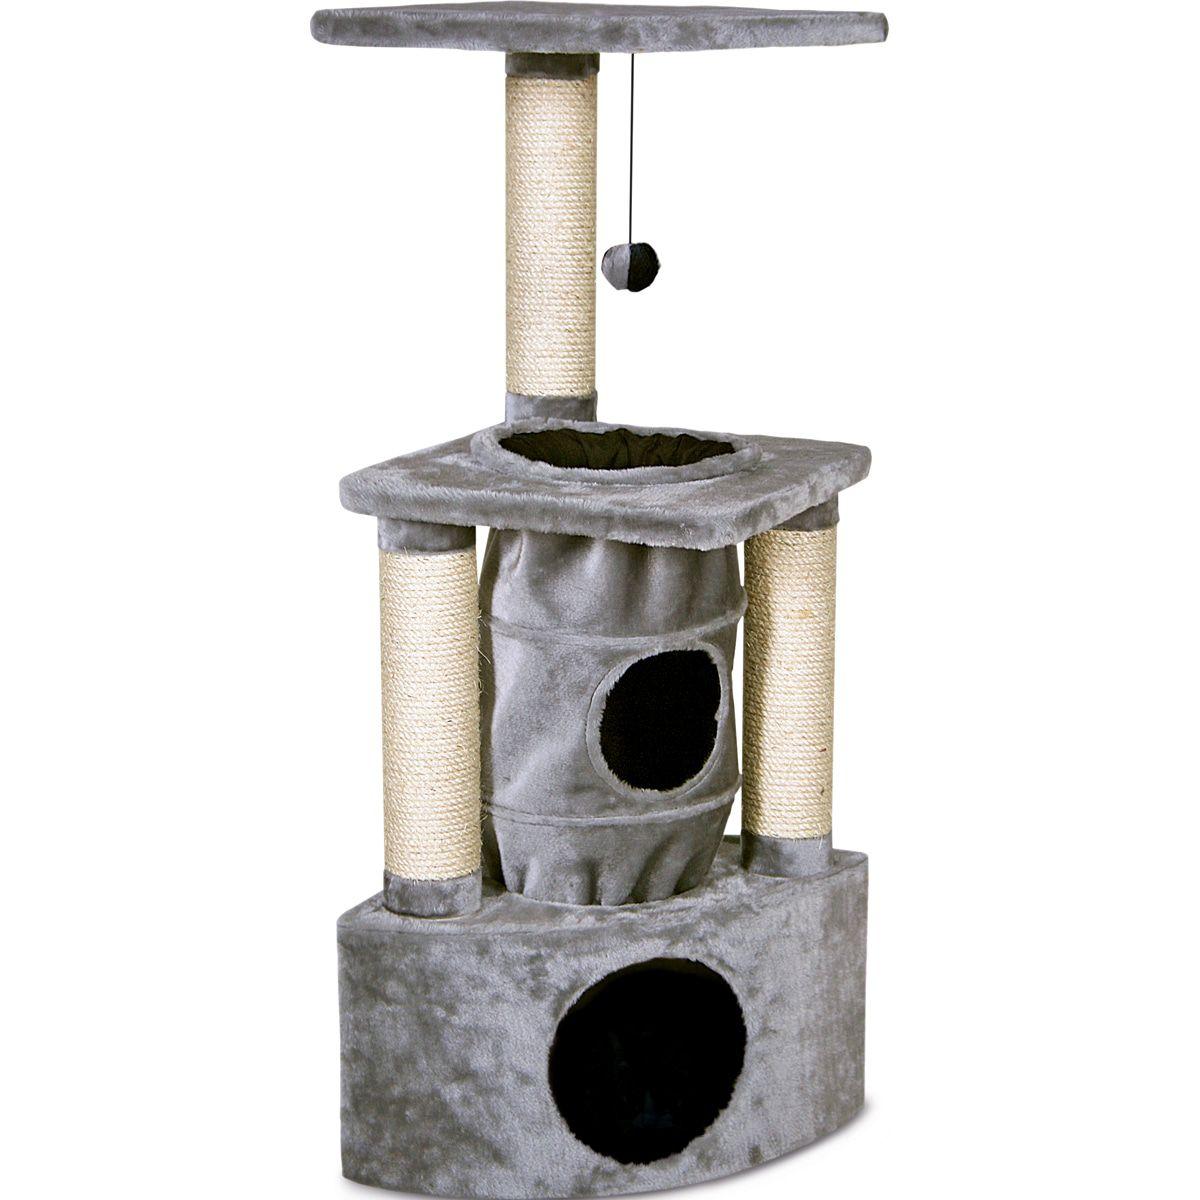 Krabpaal-Rochefort-Grijs-38-x-38-x-105-cm-Flamingo-Grijs